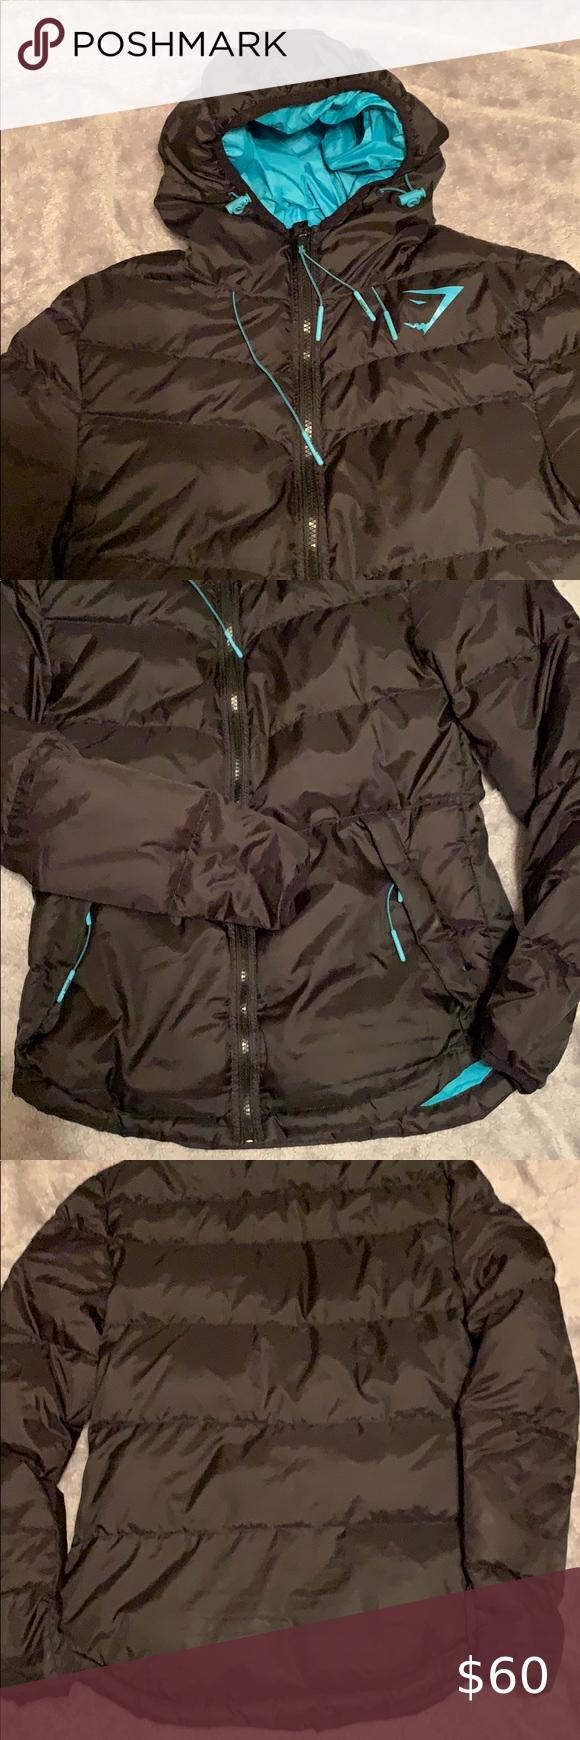 Gymshark Puffer Jacket Jackets Puffer Jackets Gymshark [ 1740 x 580 Pixel ]